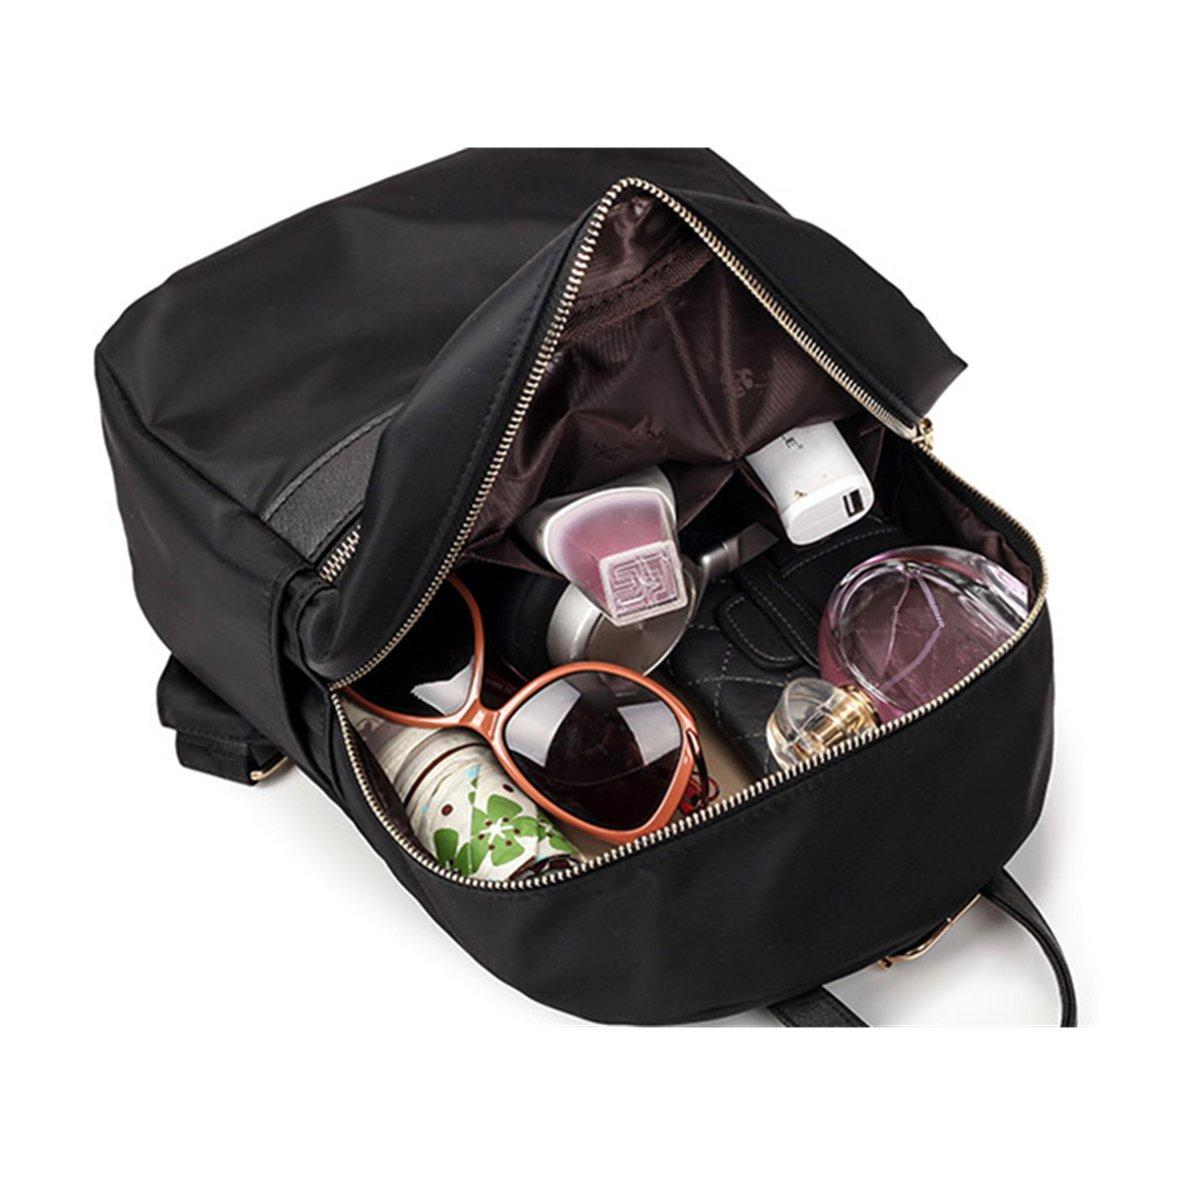 cab90f1203214 OURBAG Damen Groß Modisch Rucksack Persönlichkeit Umhängetasche Schultasche  mit Gute Qualität Nylon Lila  Amazon.de  Koffer